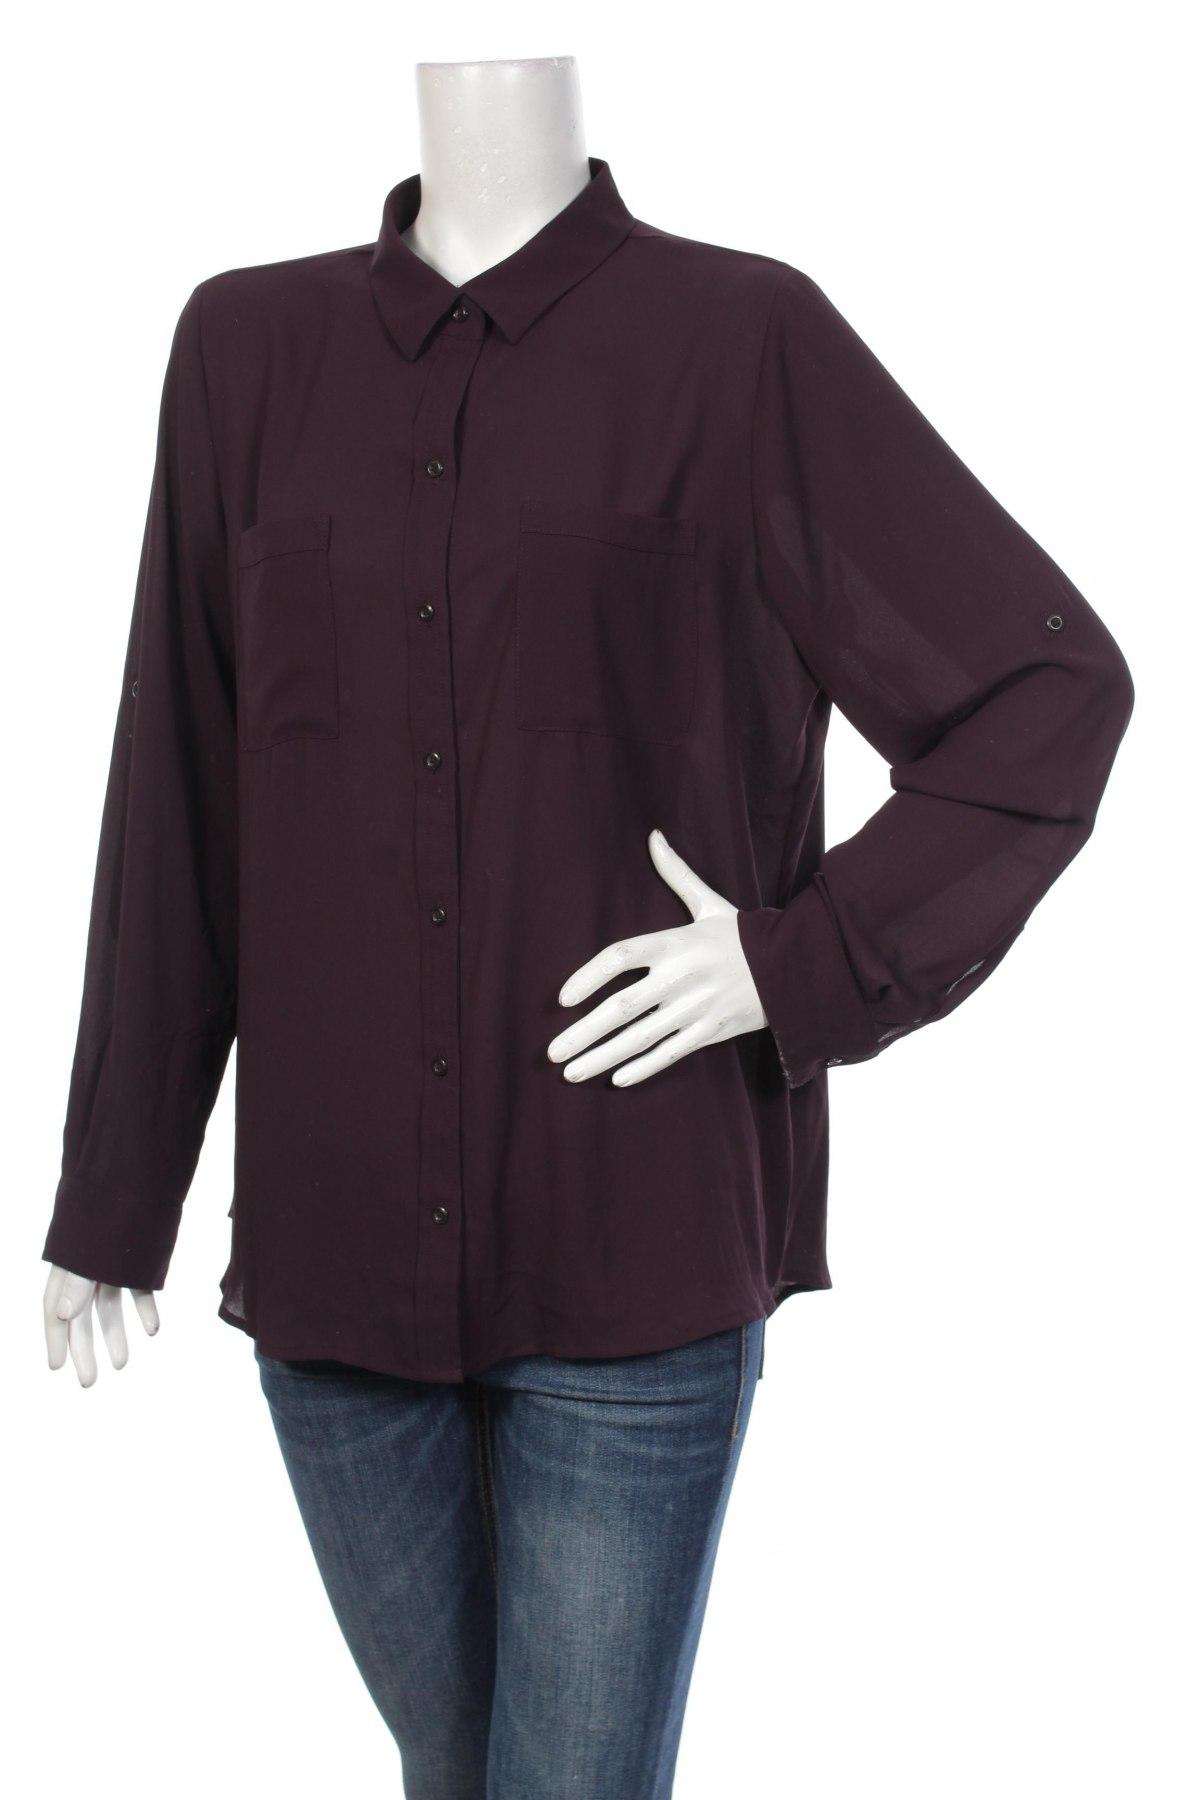 Γυναικείο πουκάμισο Apt.9, Μέγεθος XL, Χρώμα Βιολετί, Πολυεστέρας, Τιμή 17,94€